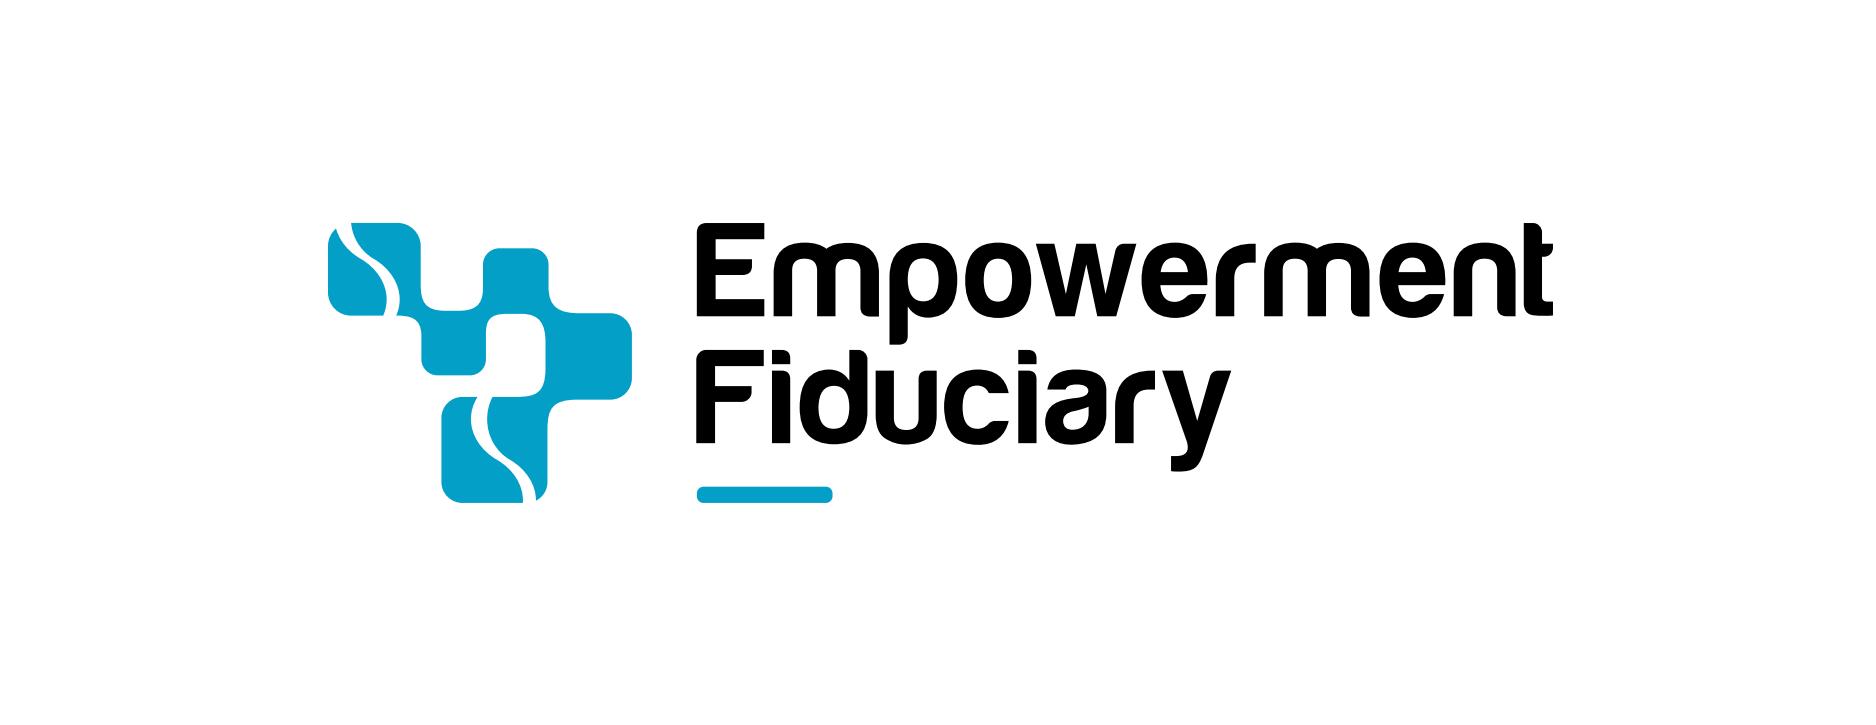 Empowerment Fiduciary